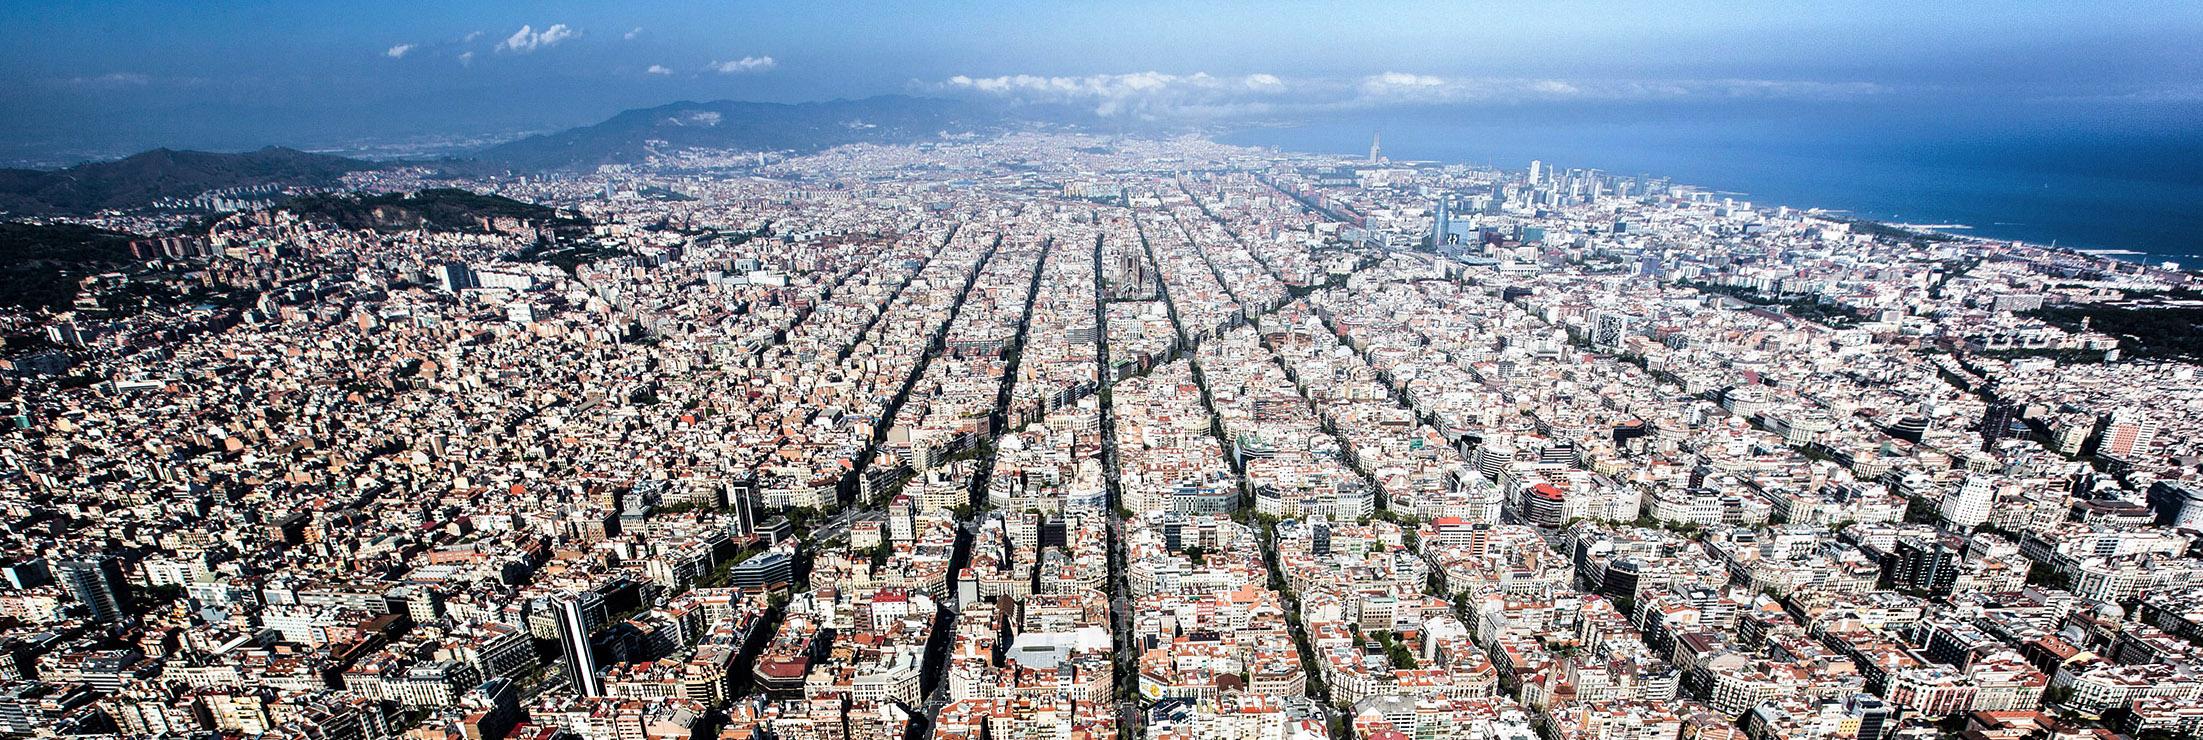 immoaugusta barcelona plan clima cambio climatico